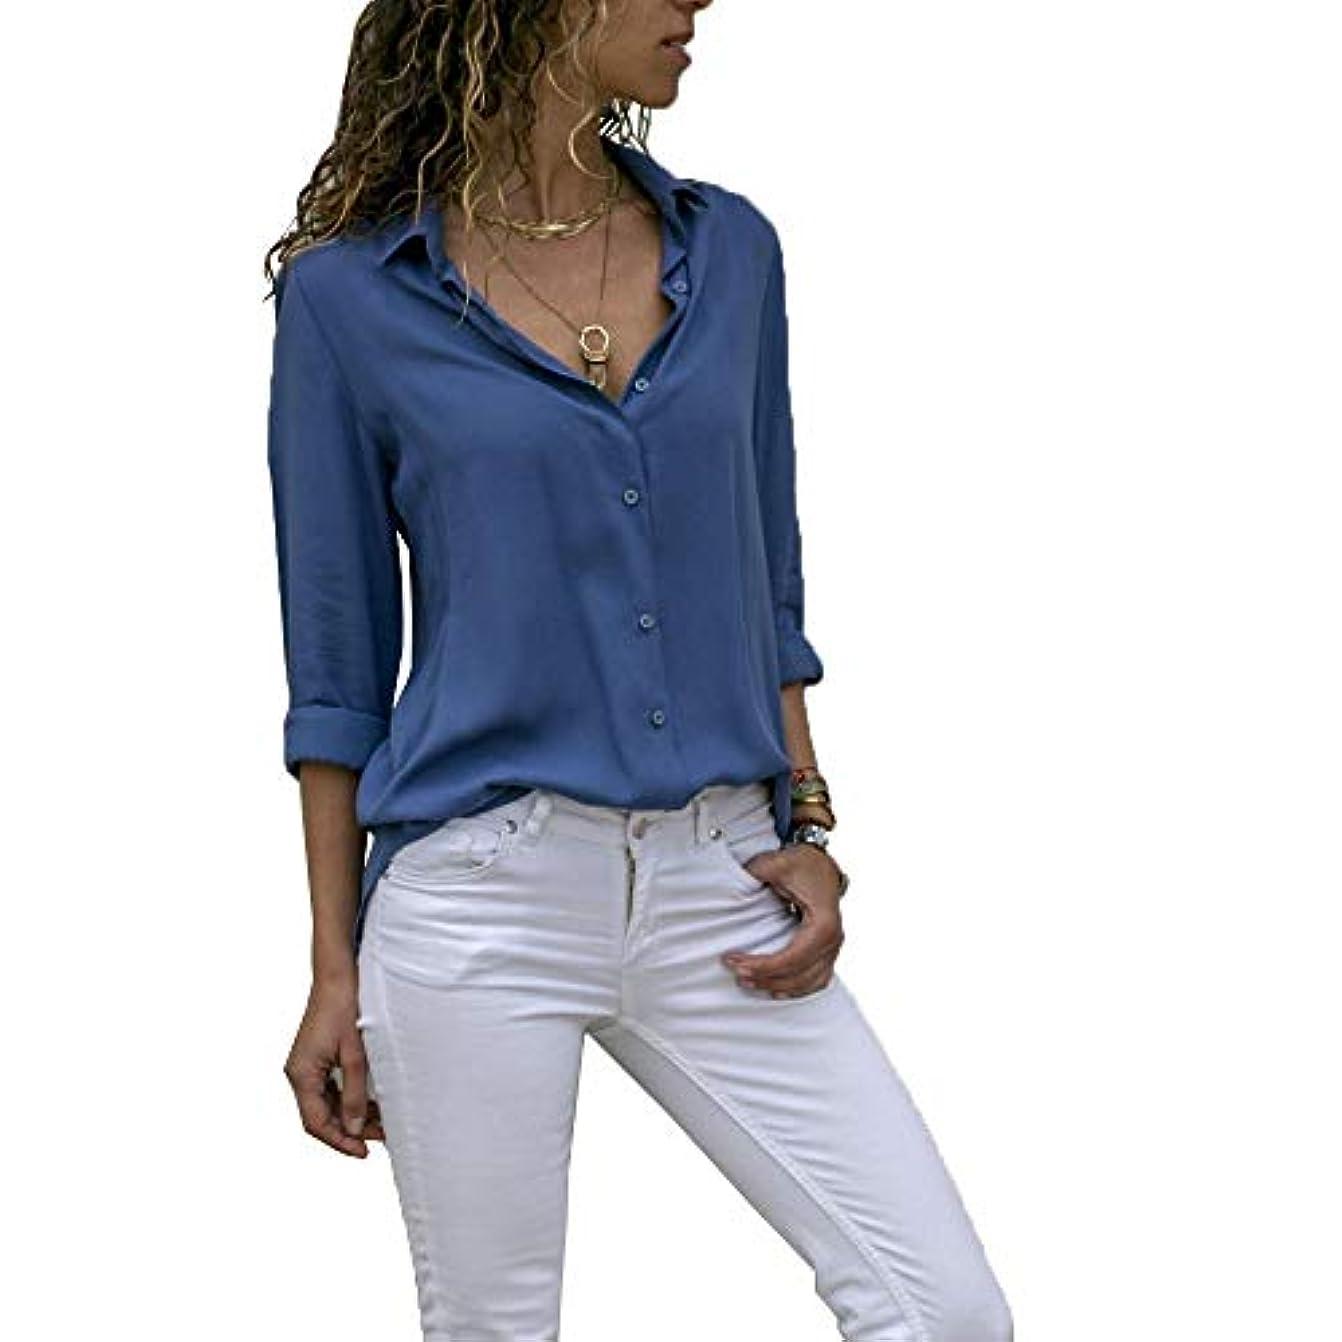 タイヤドーム移民MIFAN ルーズシャツ、トップス&Tシャツ、プラスサイズ、トップス&ブラウス、シフォンブラウス、女性トップス、シフォンシャツ